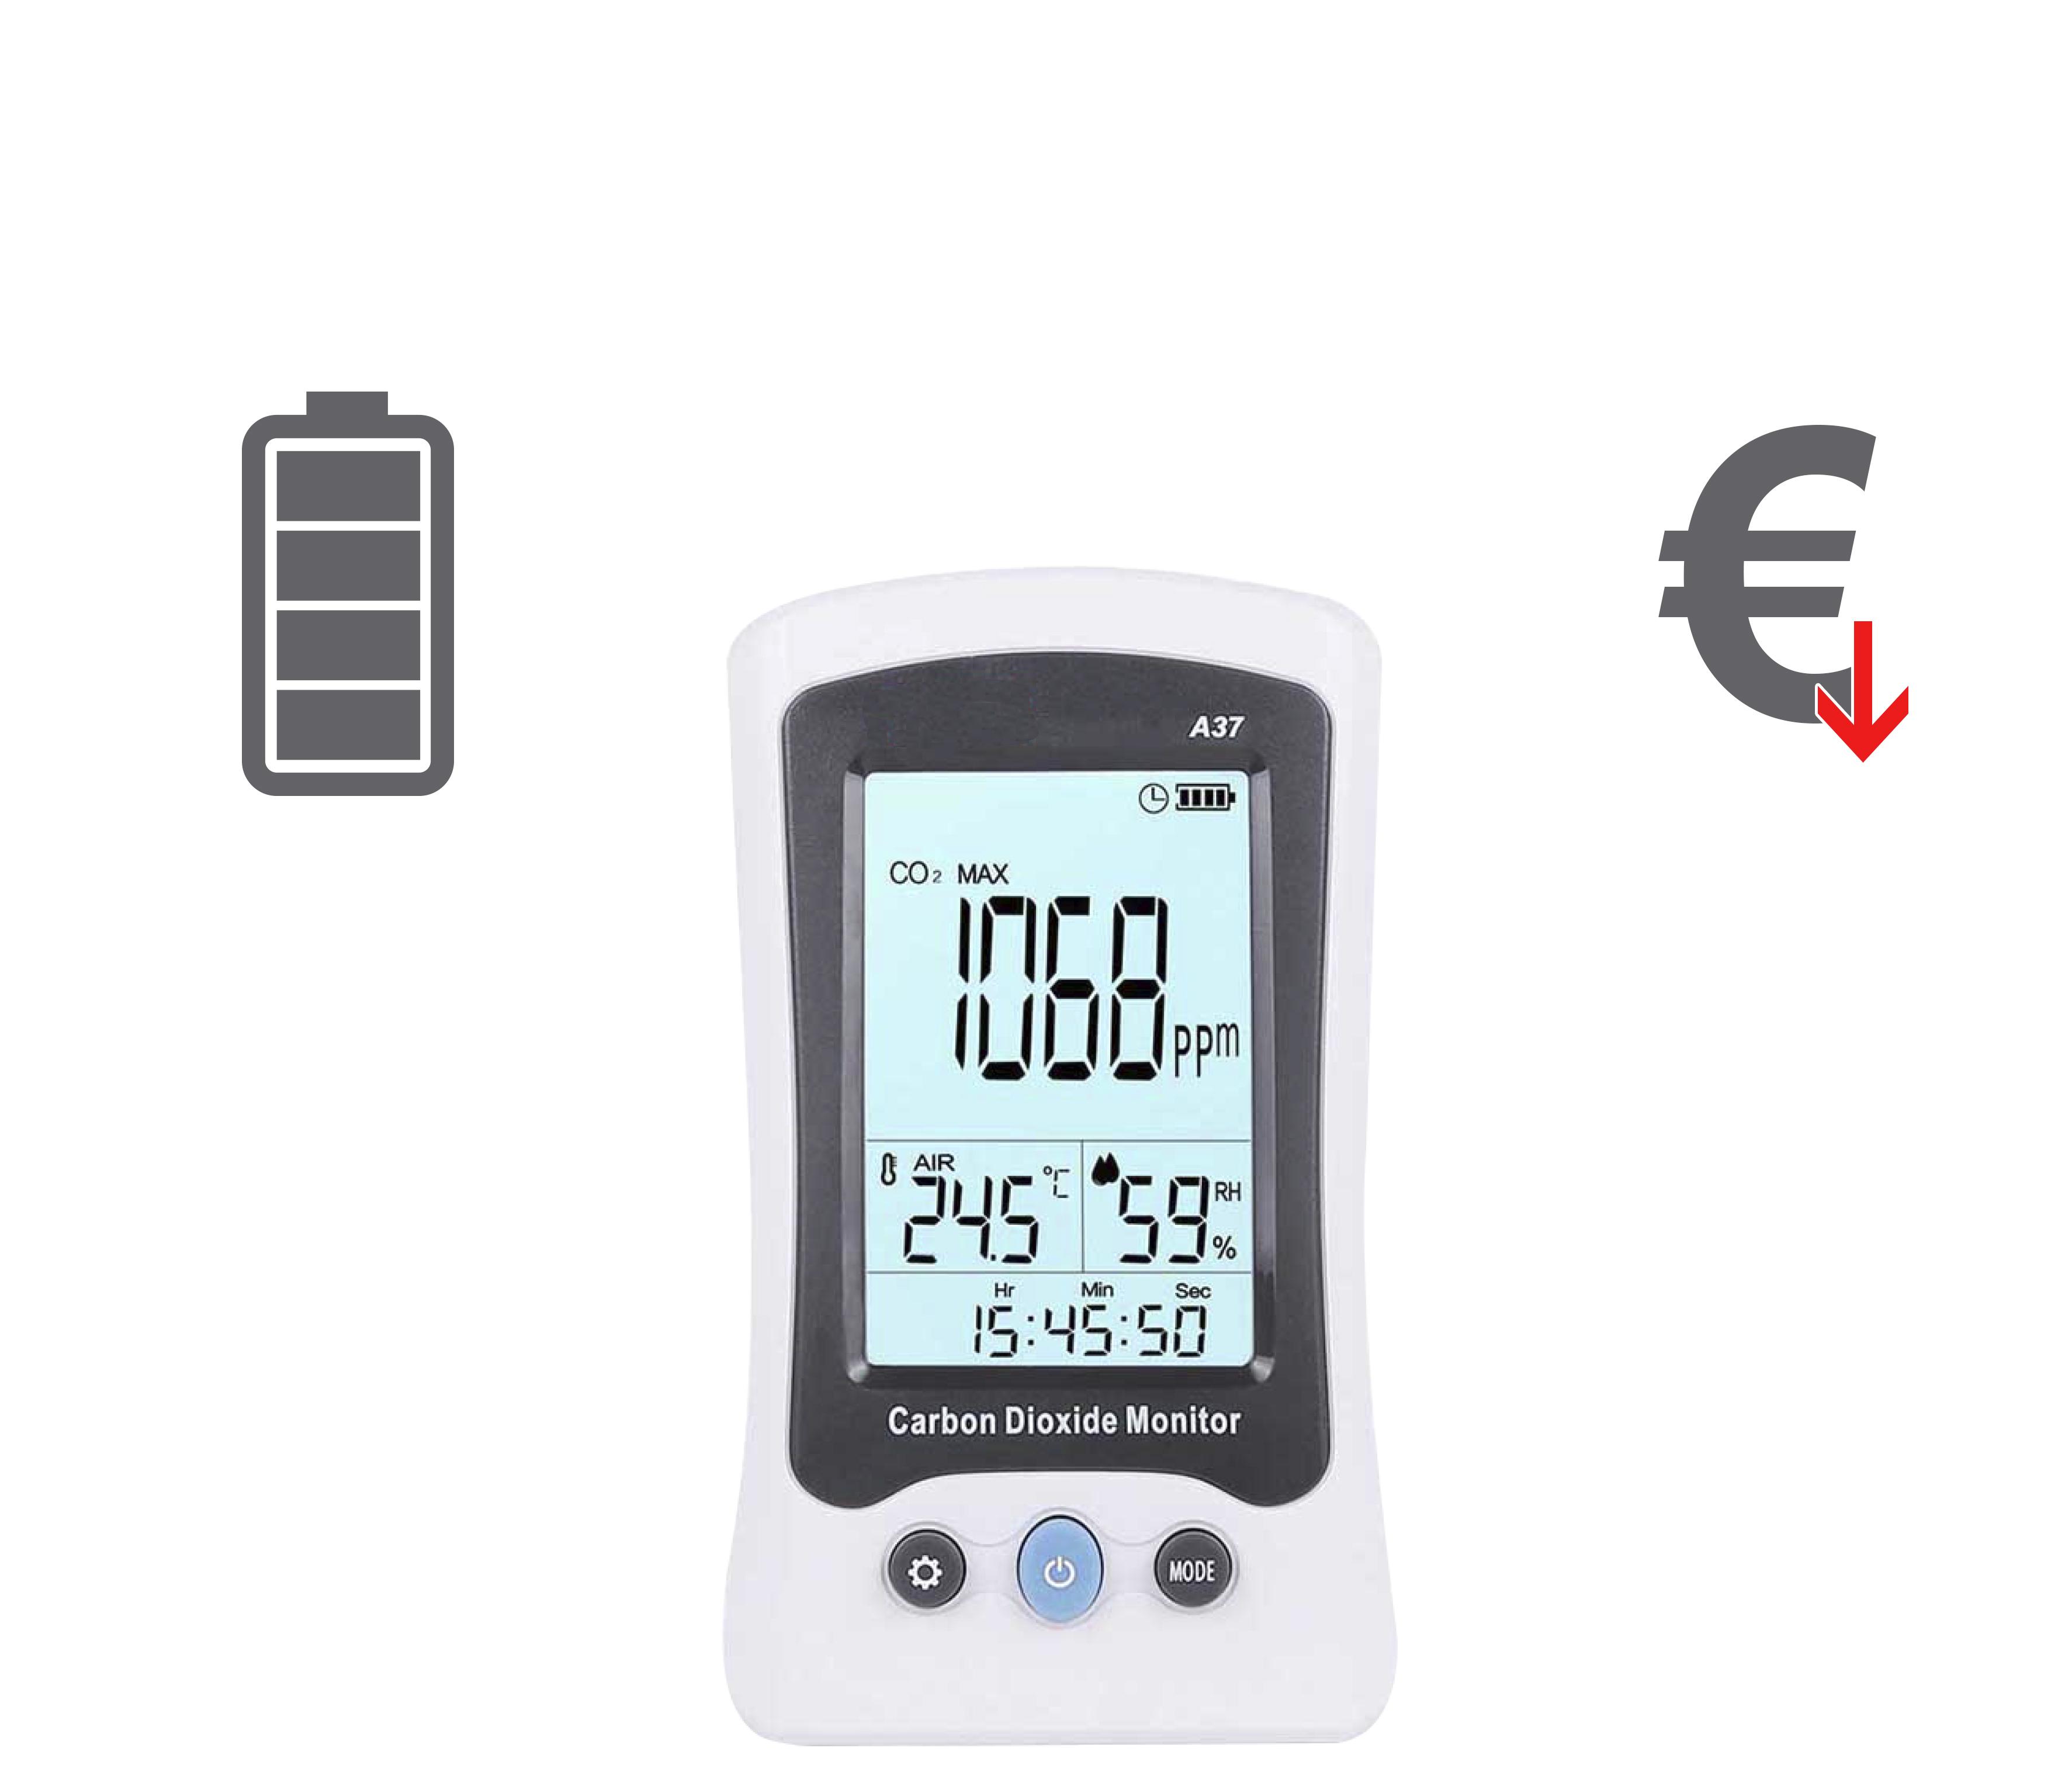 medidores de co2 para reducir el riesgo de contagio